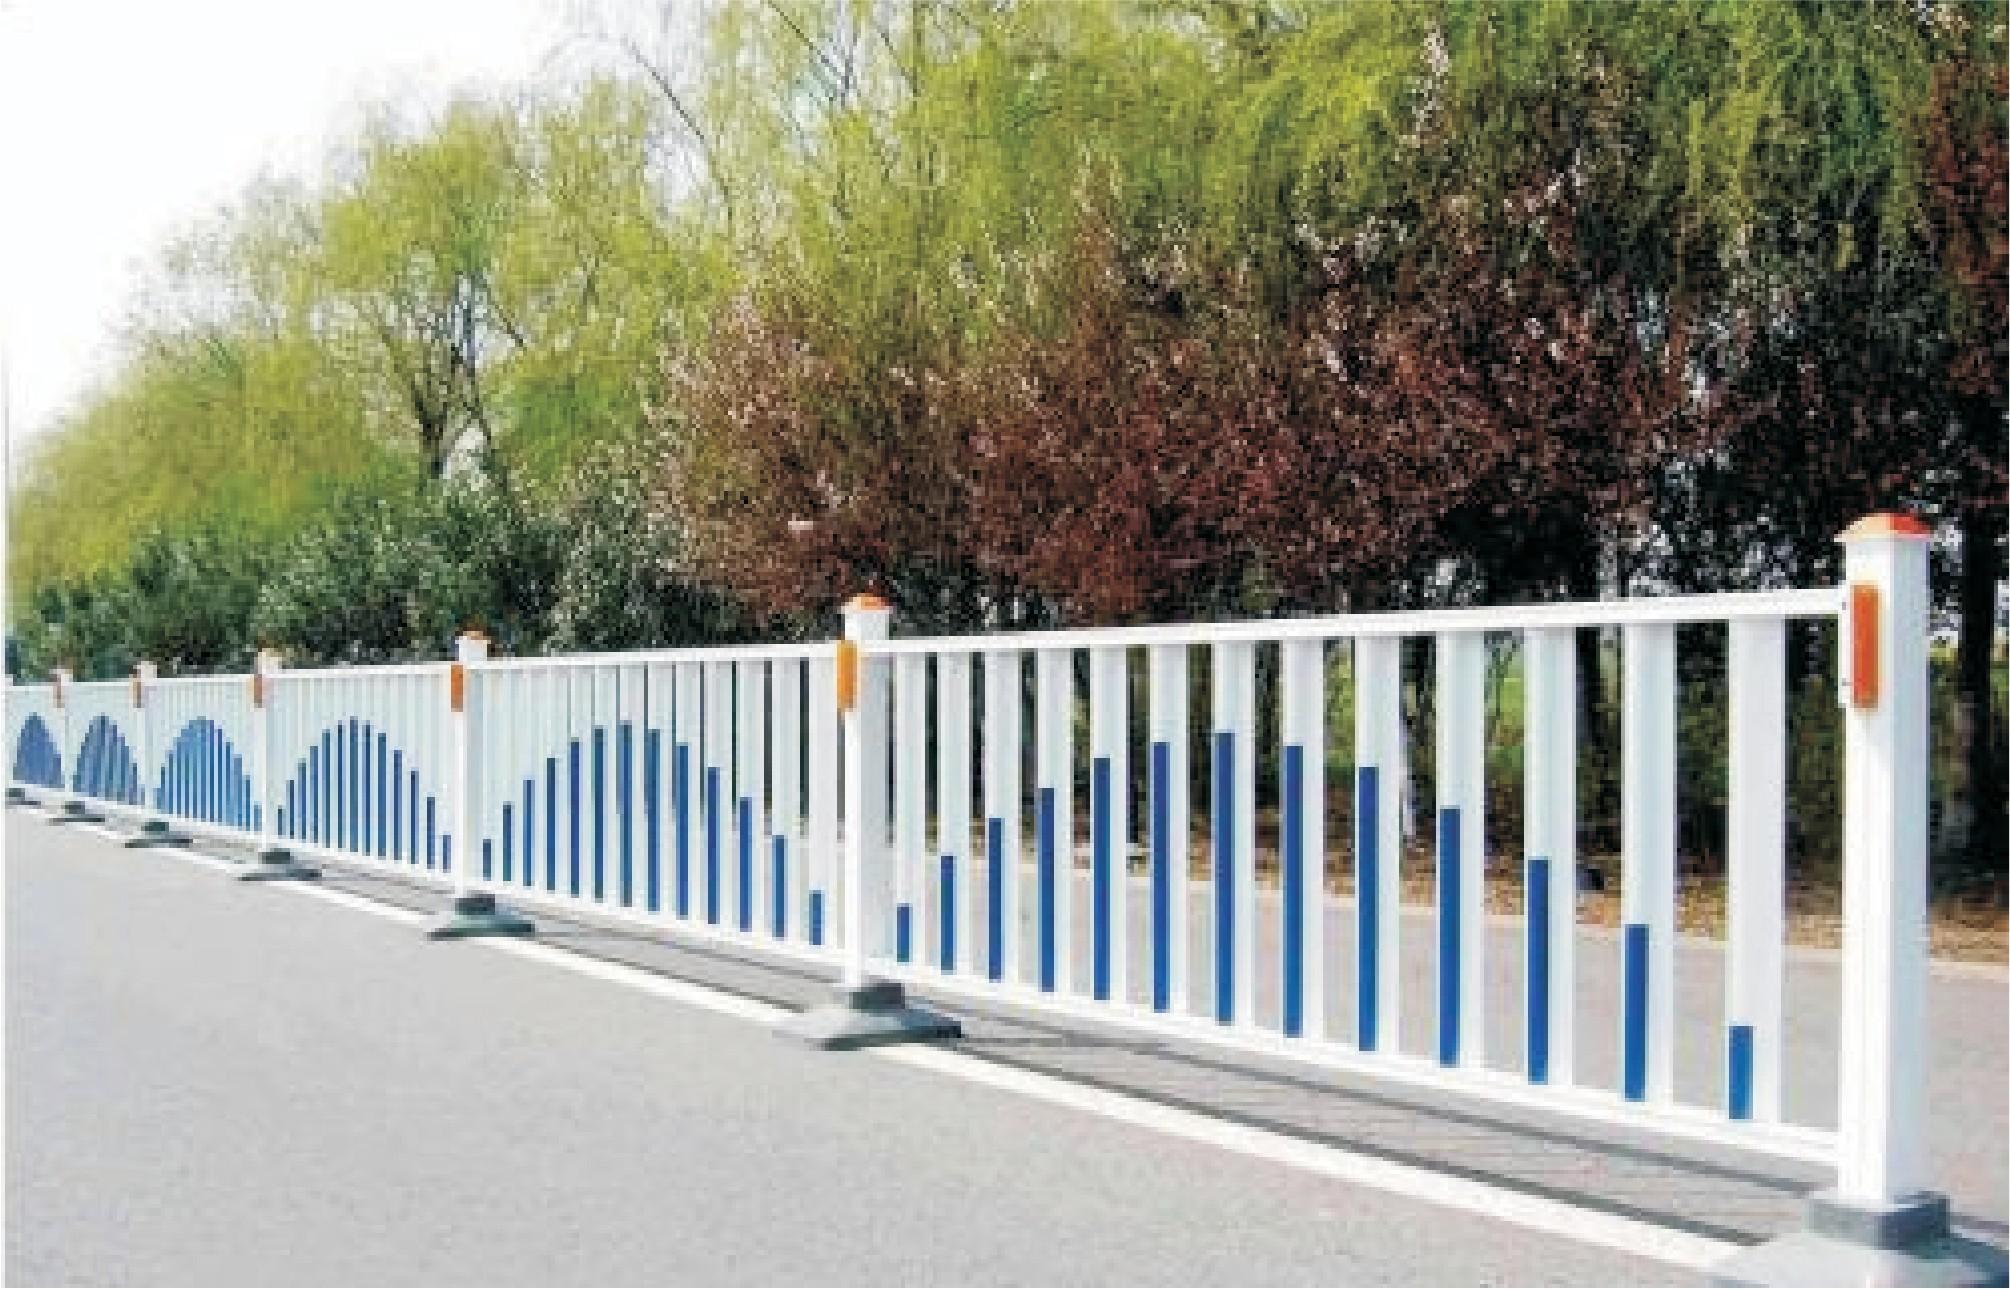 你是不是也很好奇高速公路上的护栏网有什么特殊呢?